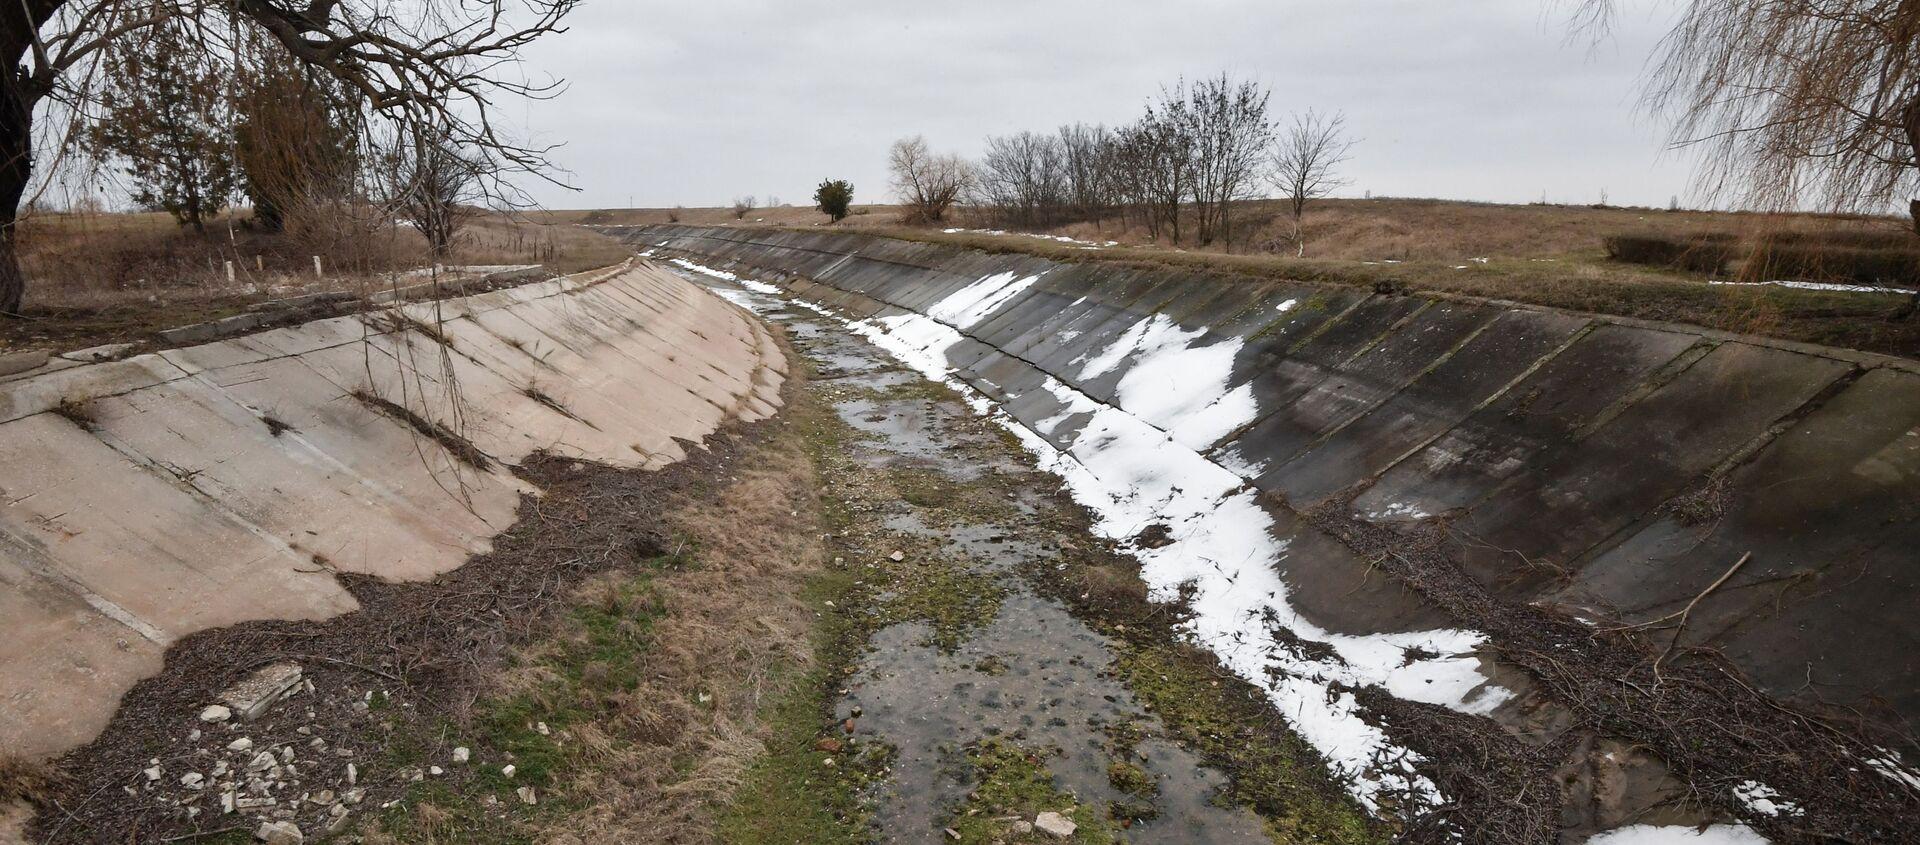 Kanał wodny zbudowany w latach 1961-1971 w celu dostarczania wody do obwodów chersońskiego i krymskiego - Sputnik Polska, 1920, 30.03.2021